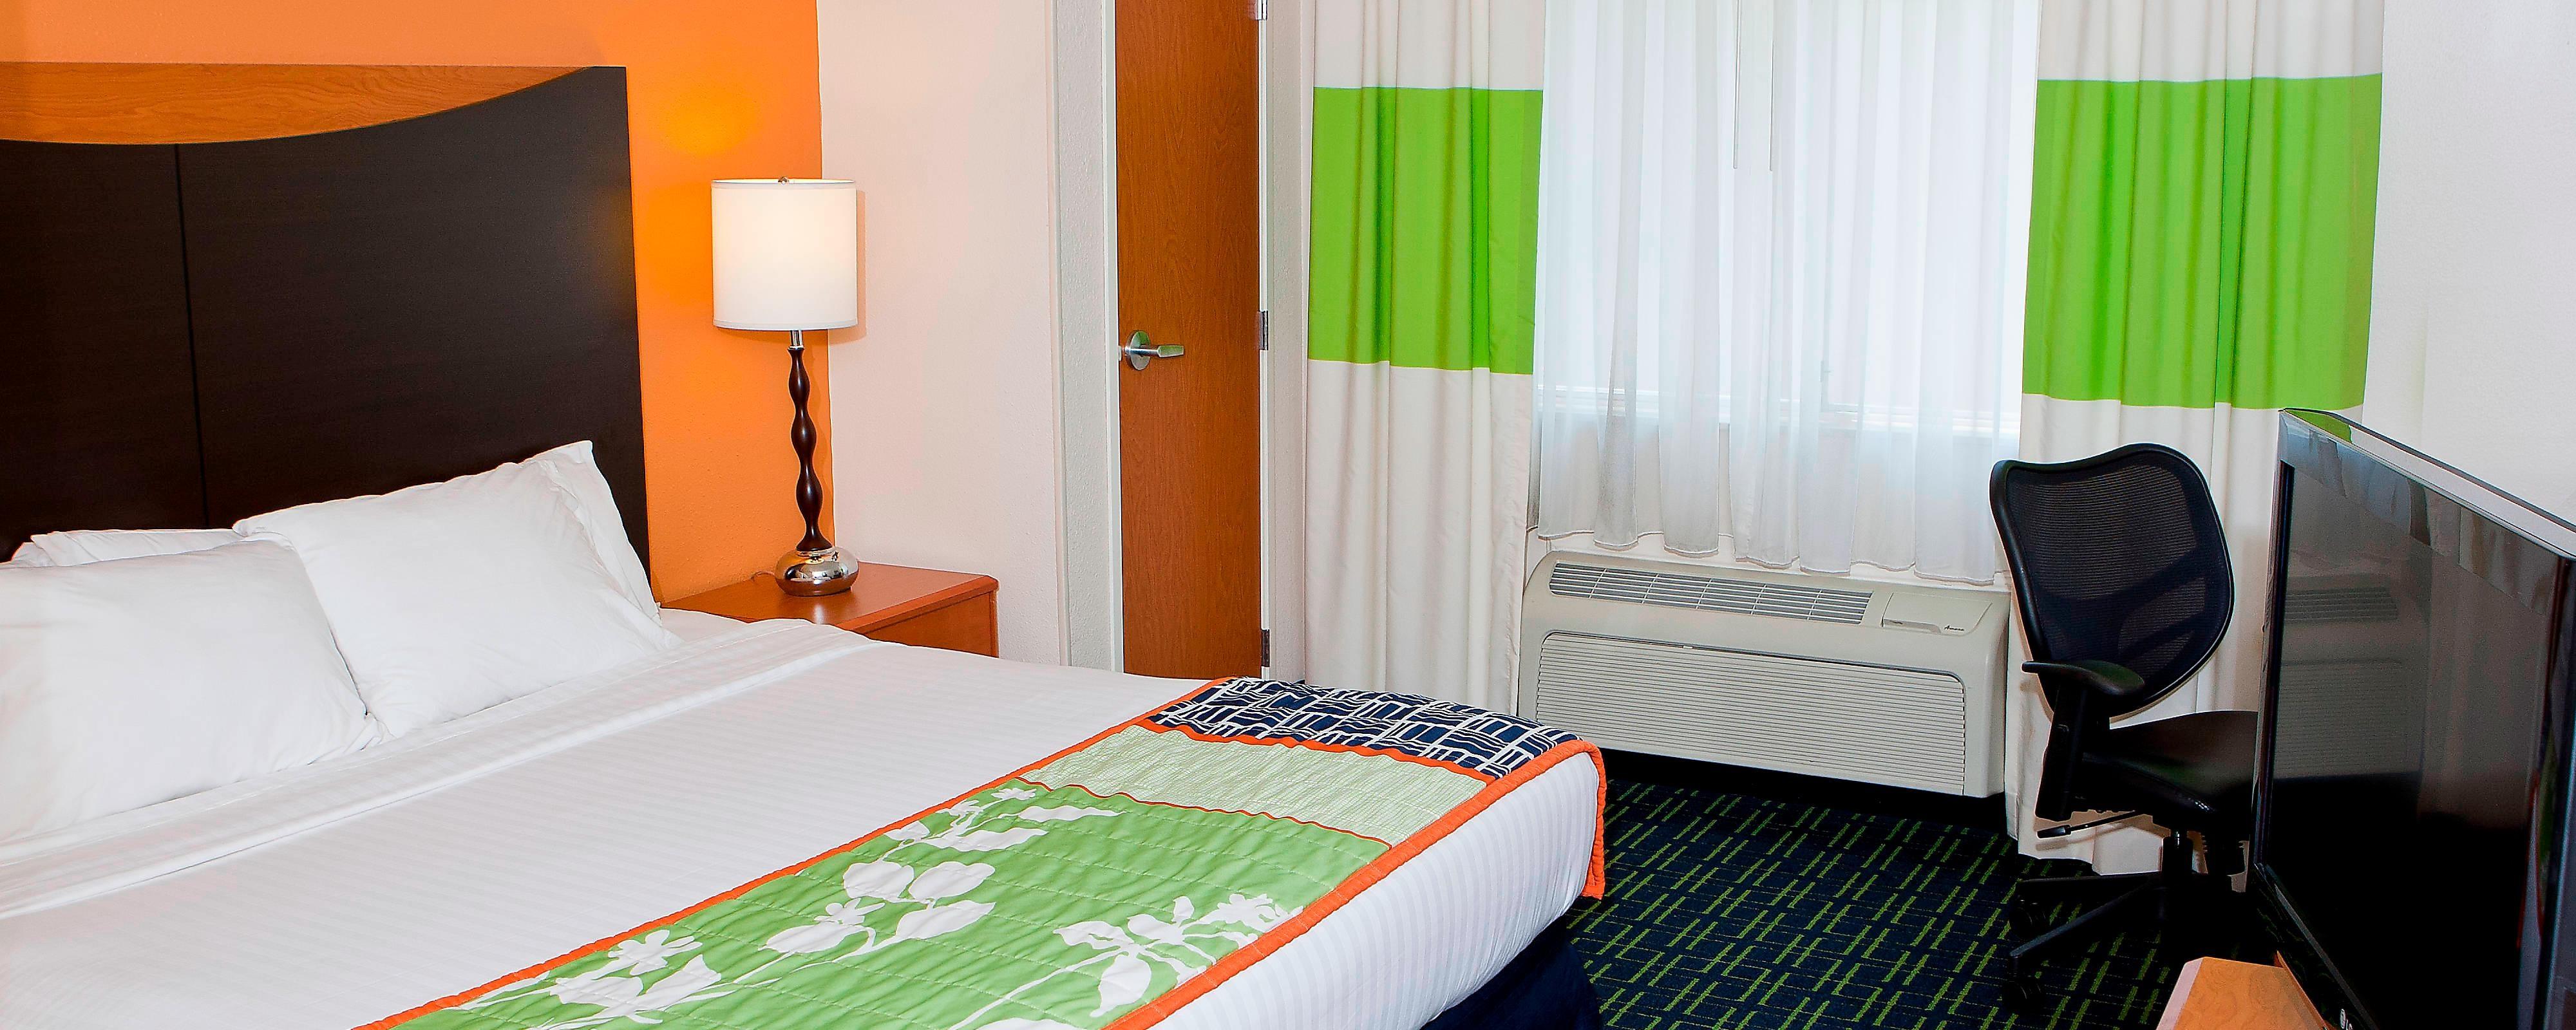 Chambres d'hôtel à Decatur ou Forsyth